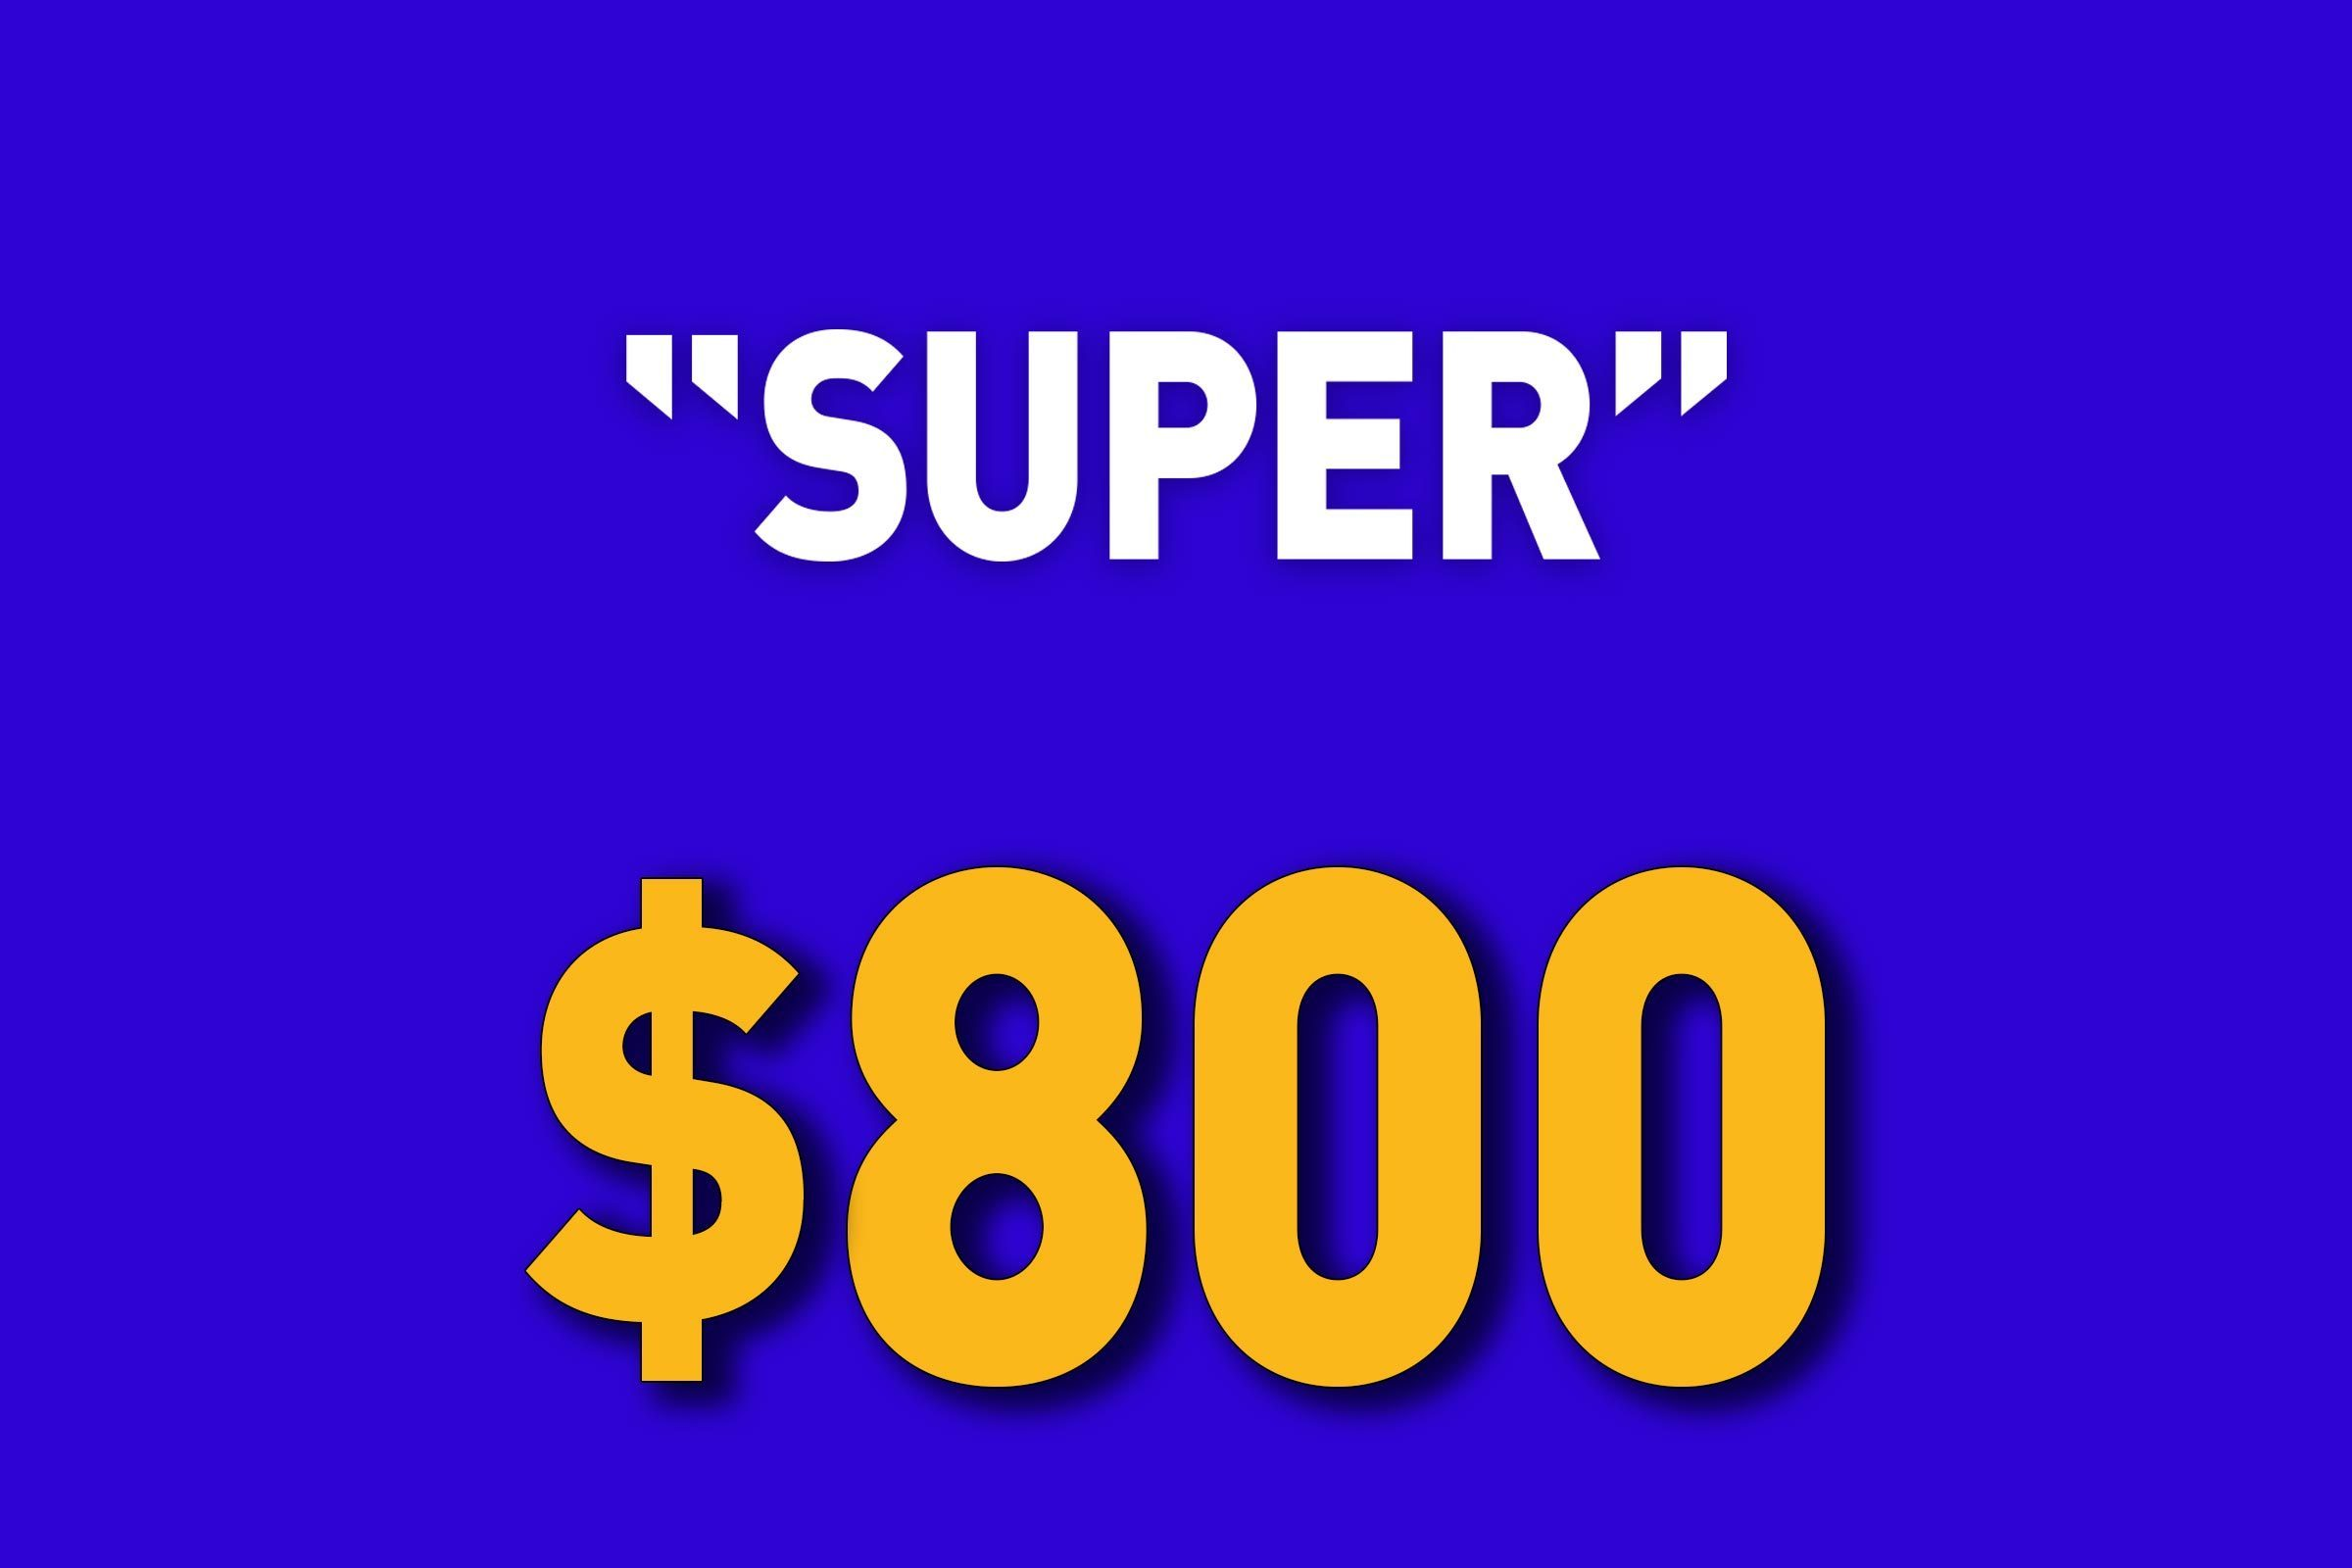 Super for $800